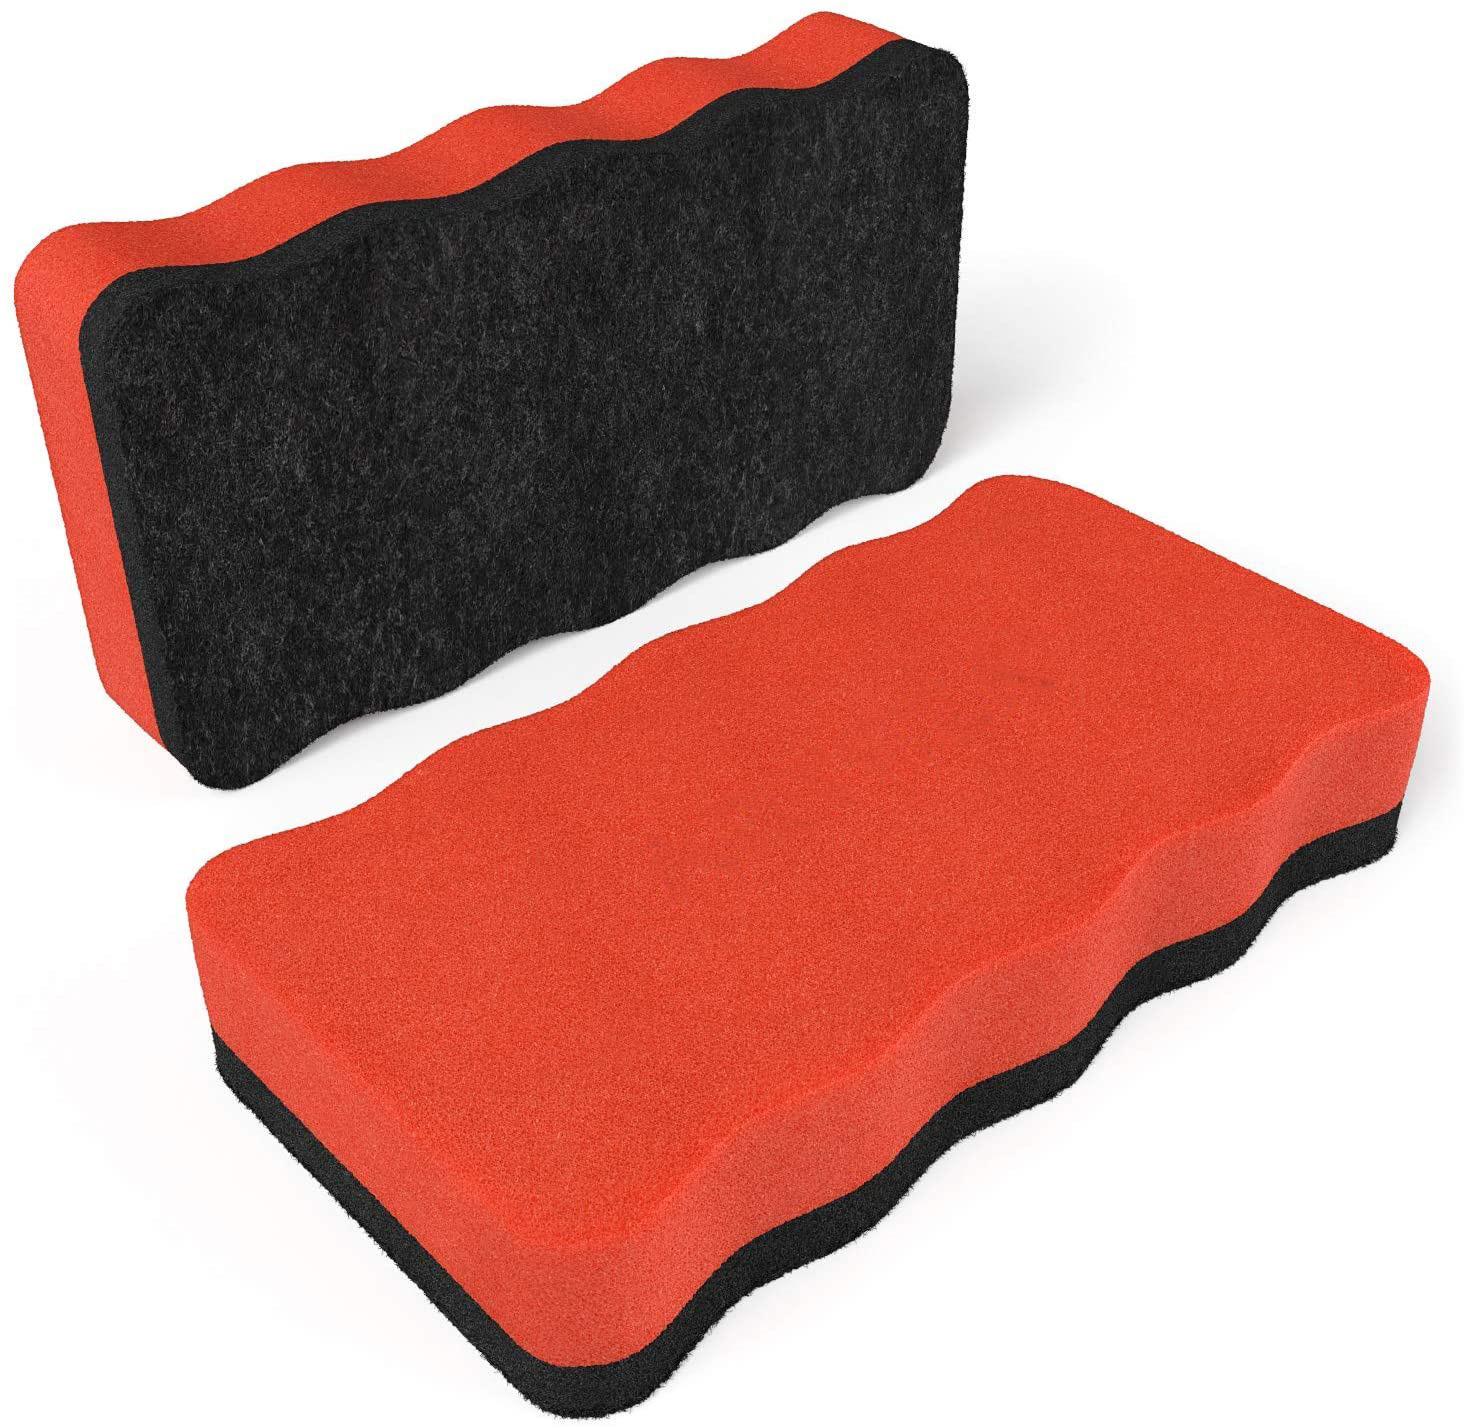 Magnetic Dry-Erase Board Foam Erasers, Set of 10 - Yola WhiteBoard | szyola.net